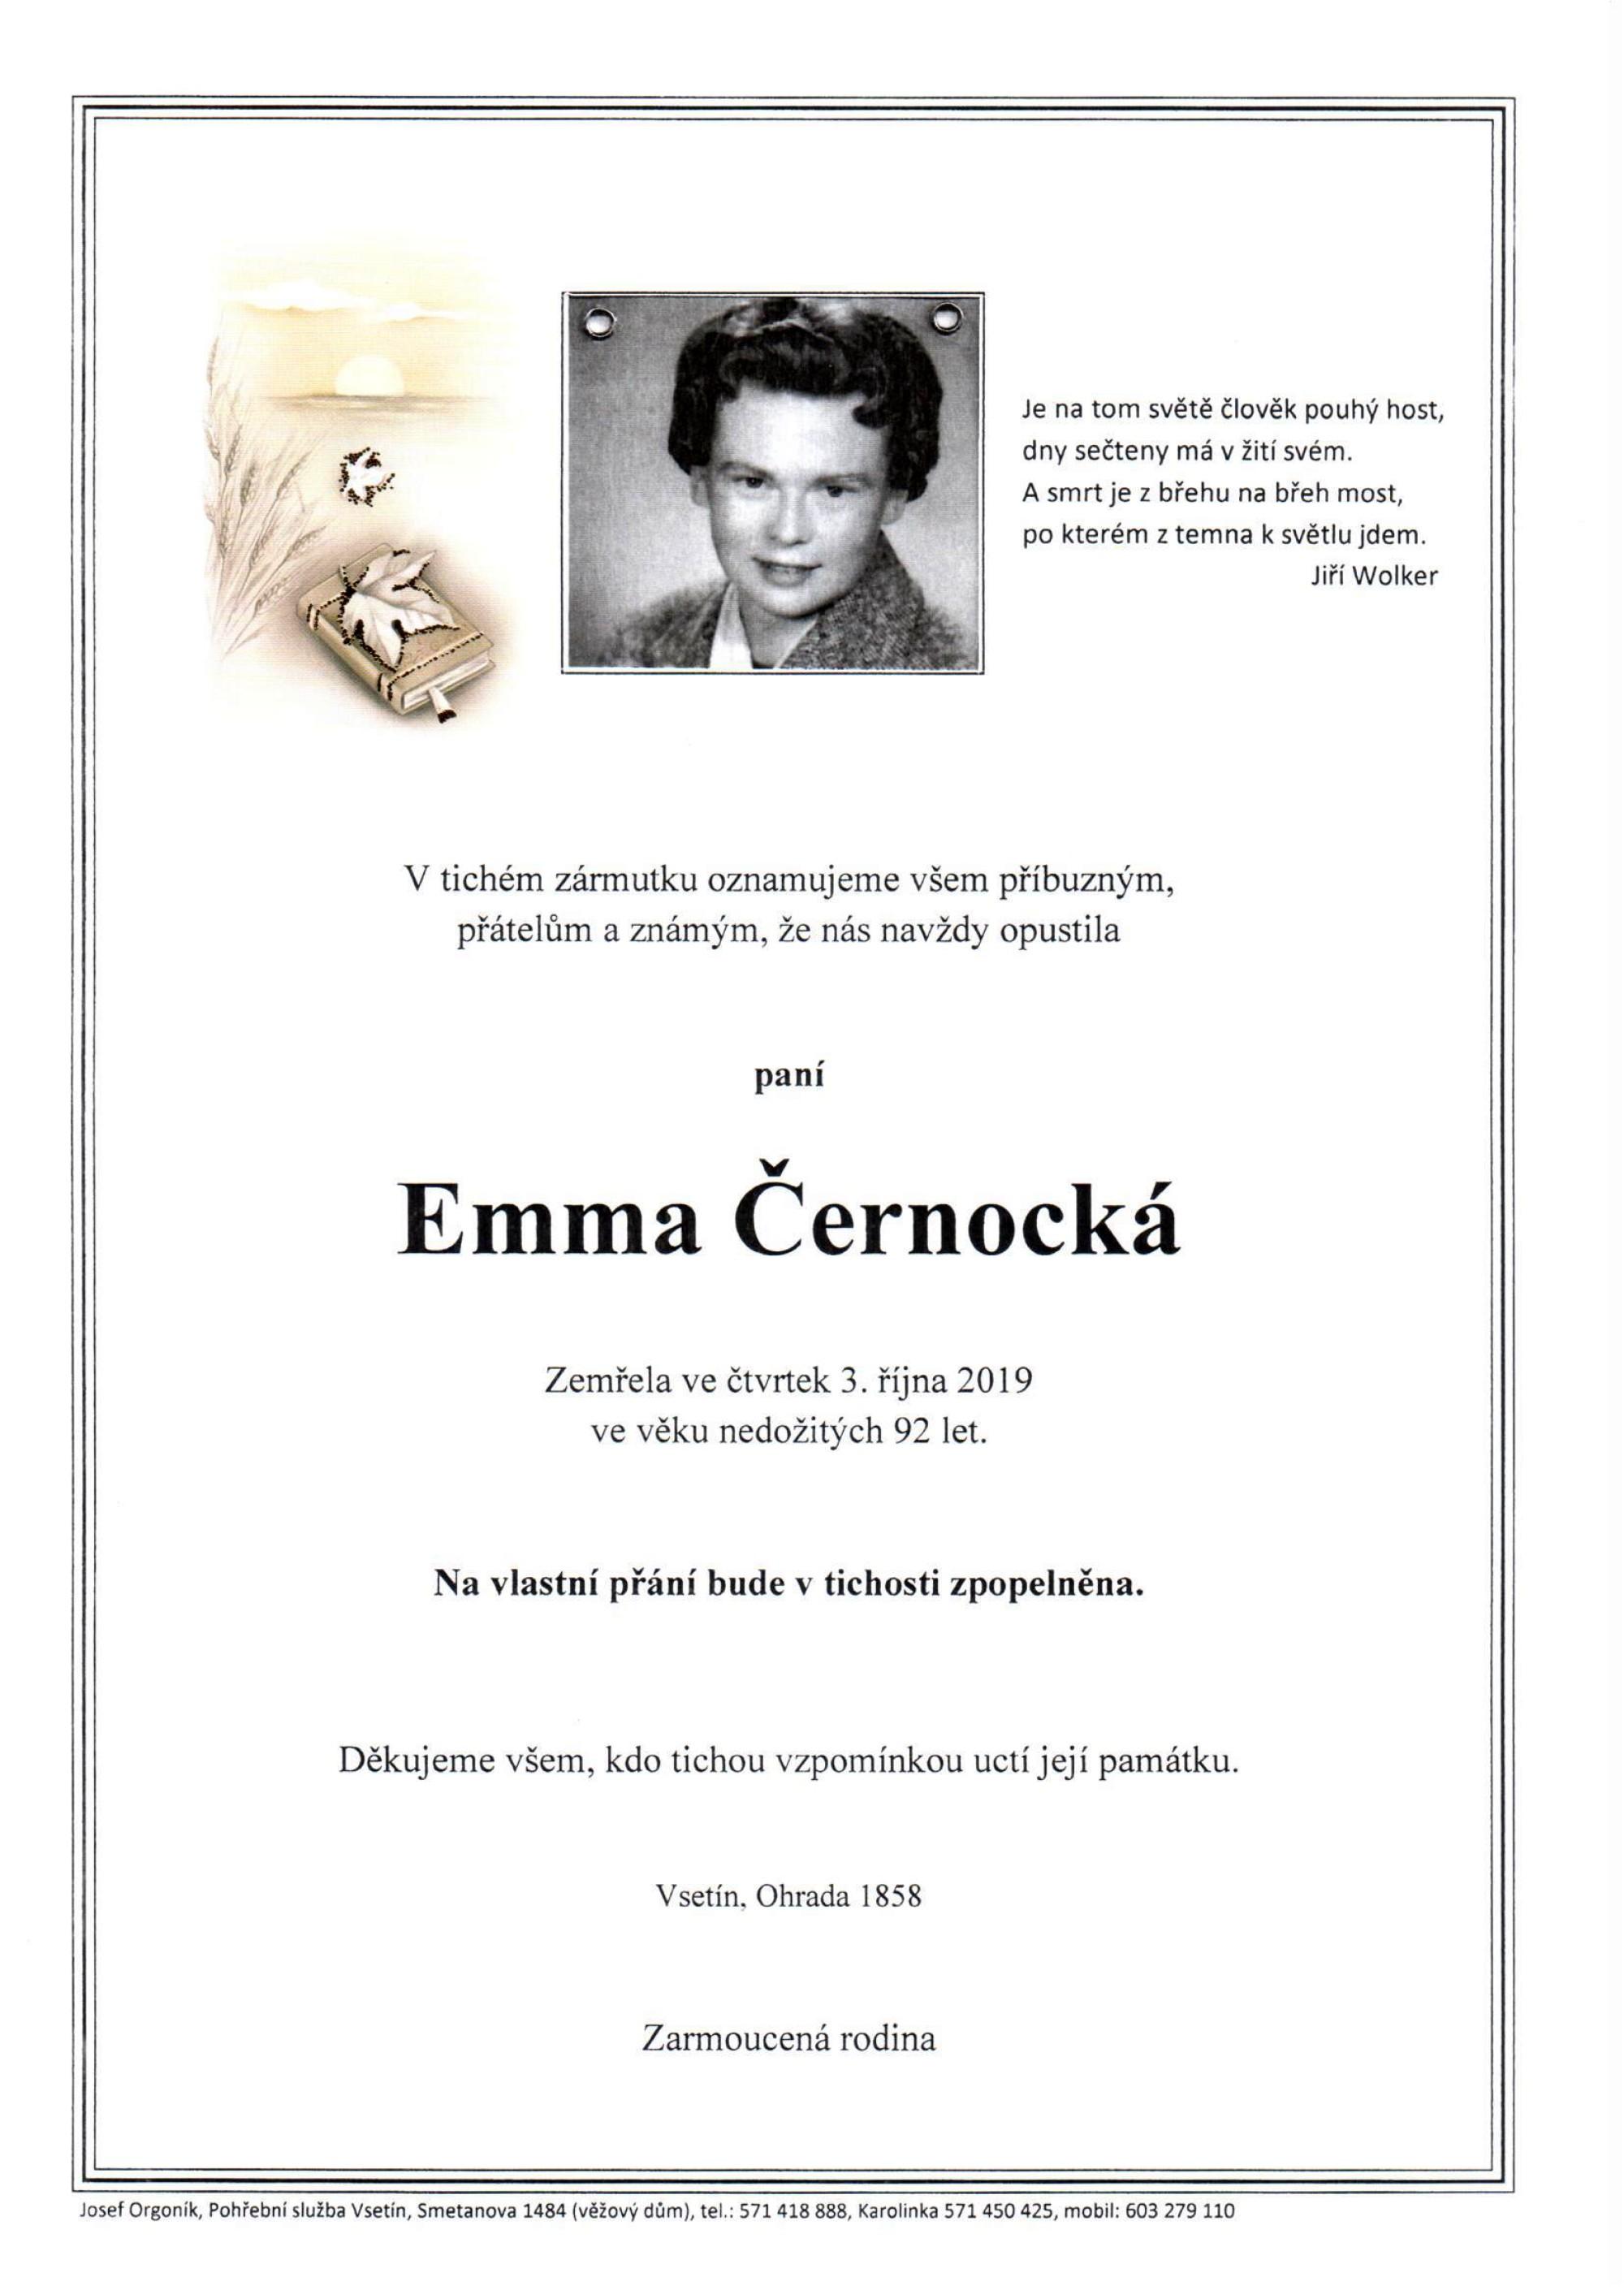 Emma Černocká